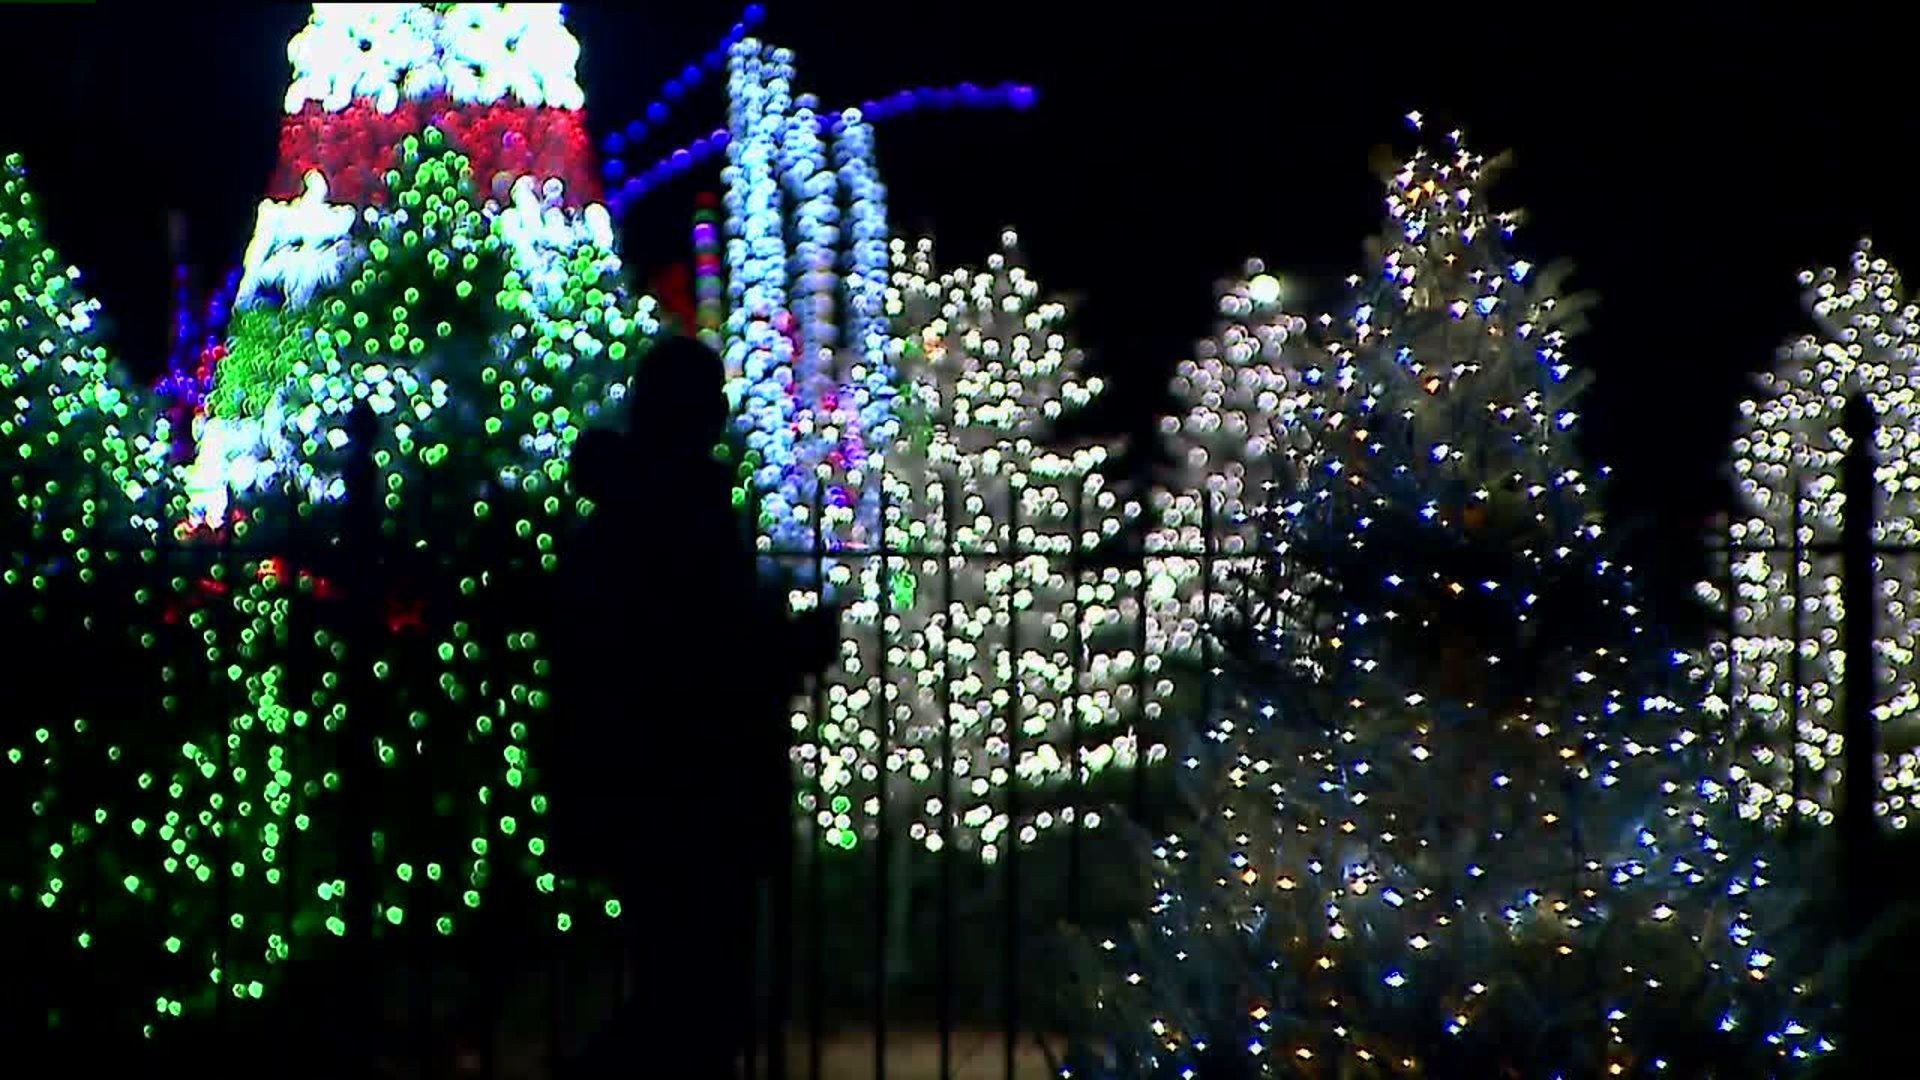 Nela Park Christmas Lights 2020 GE Lighting kicks off holiday season with annual lighting display